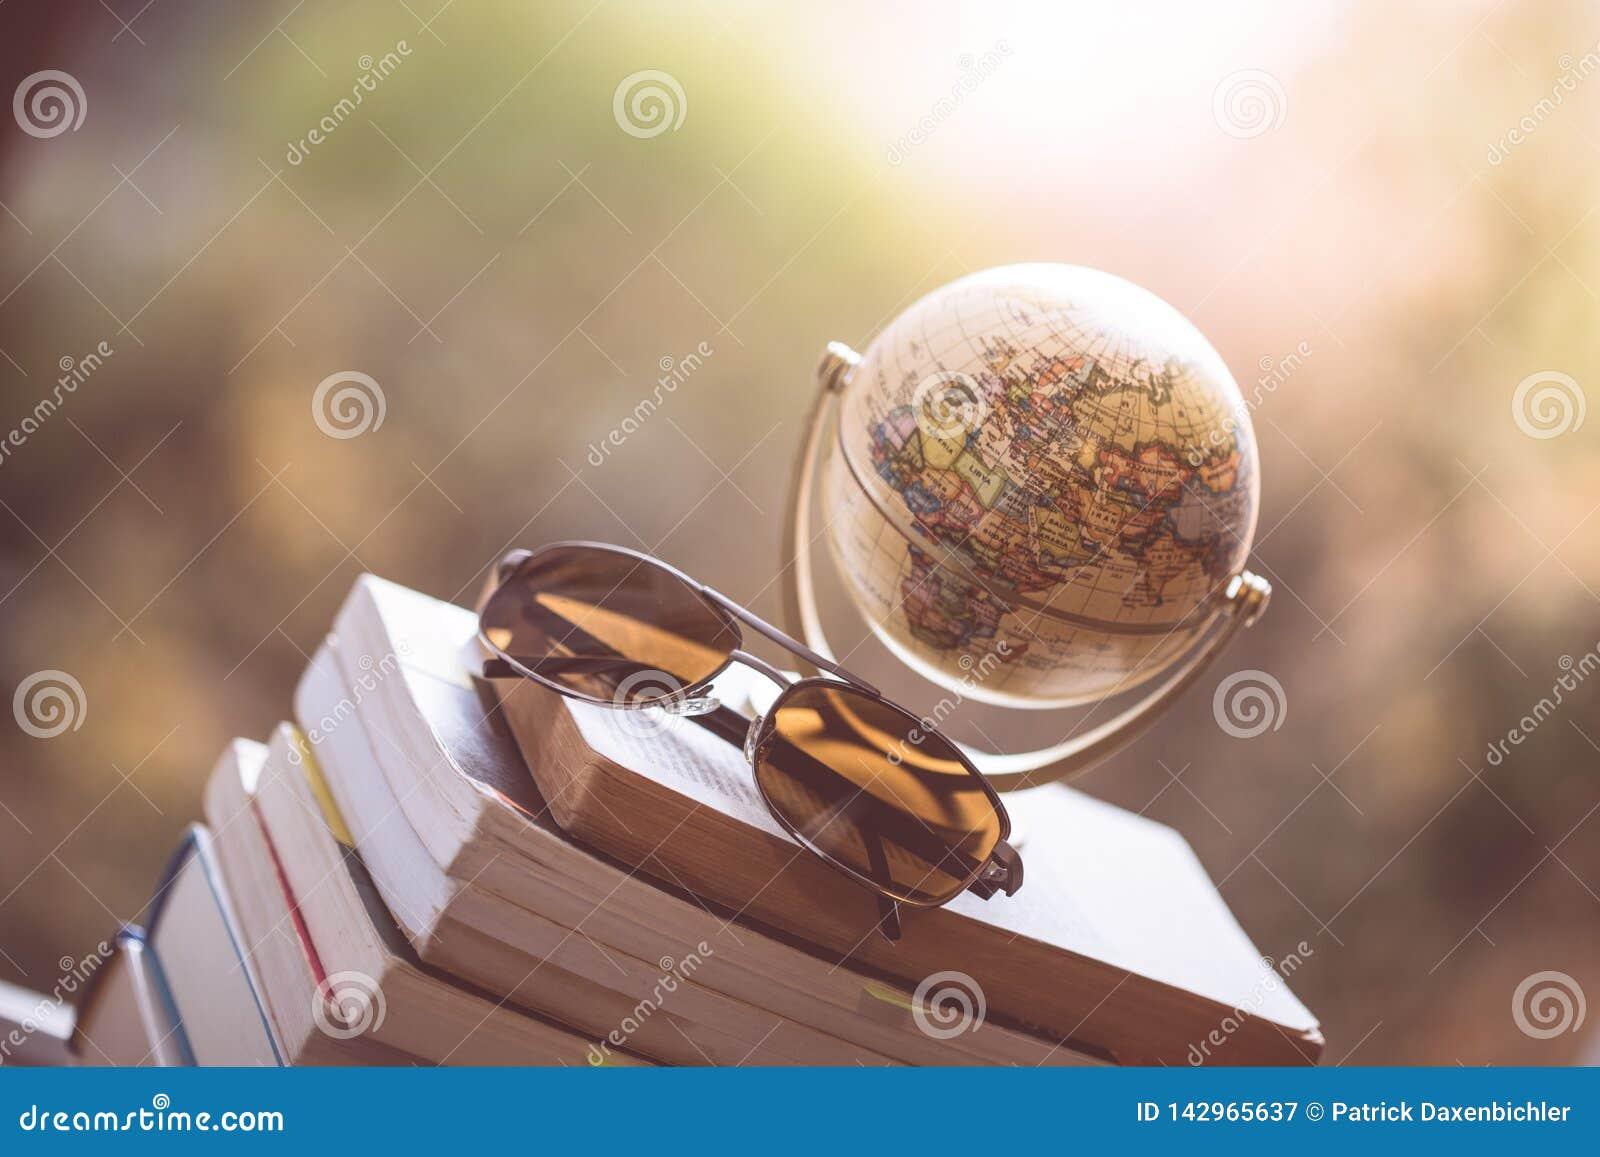 Planificación del viaje siguiente: Globo y gafas de sol miniatura en una pila de libros